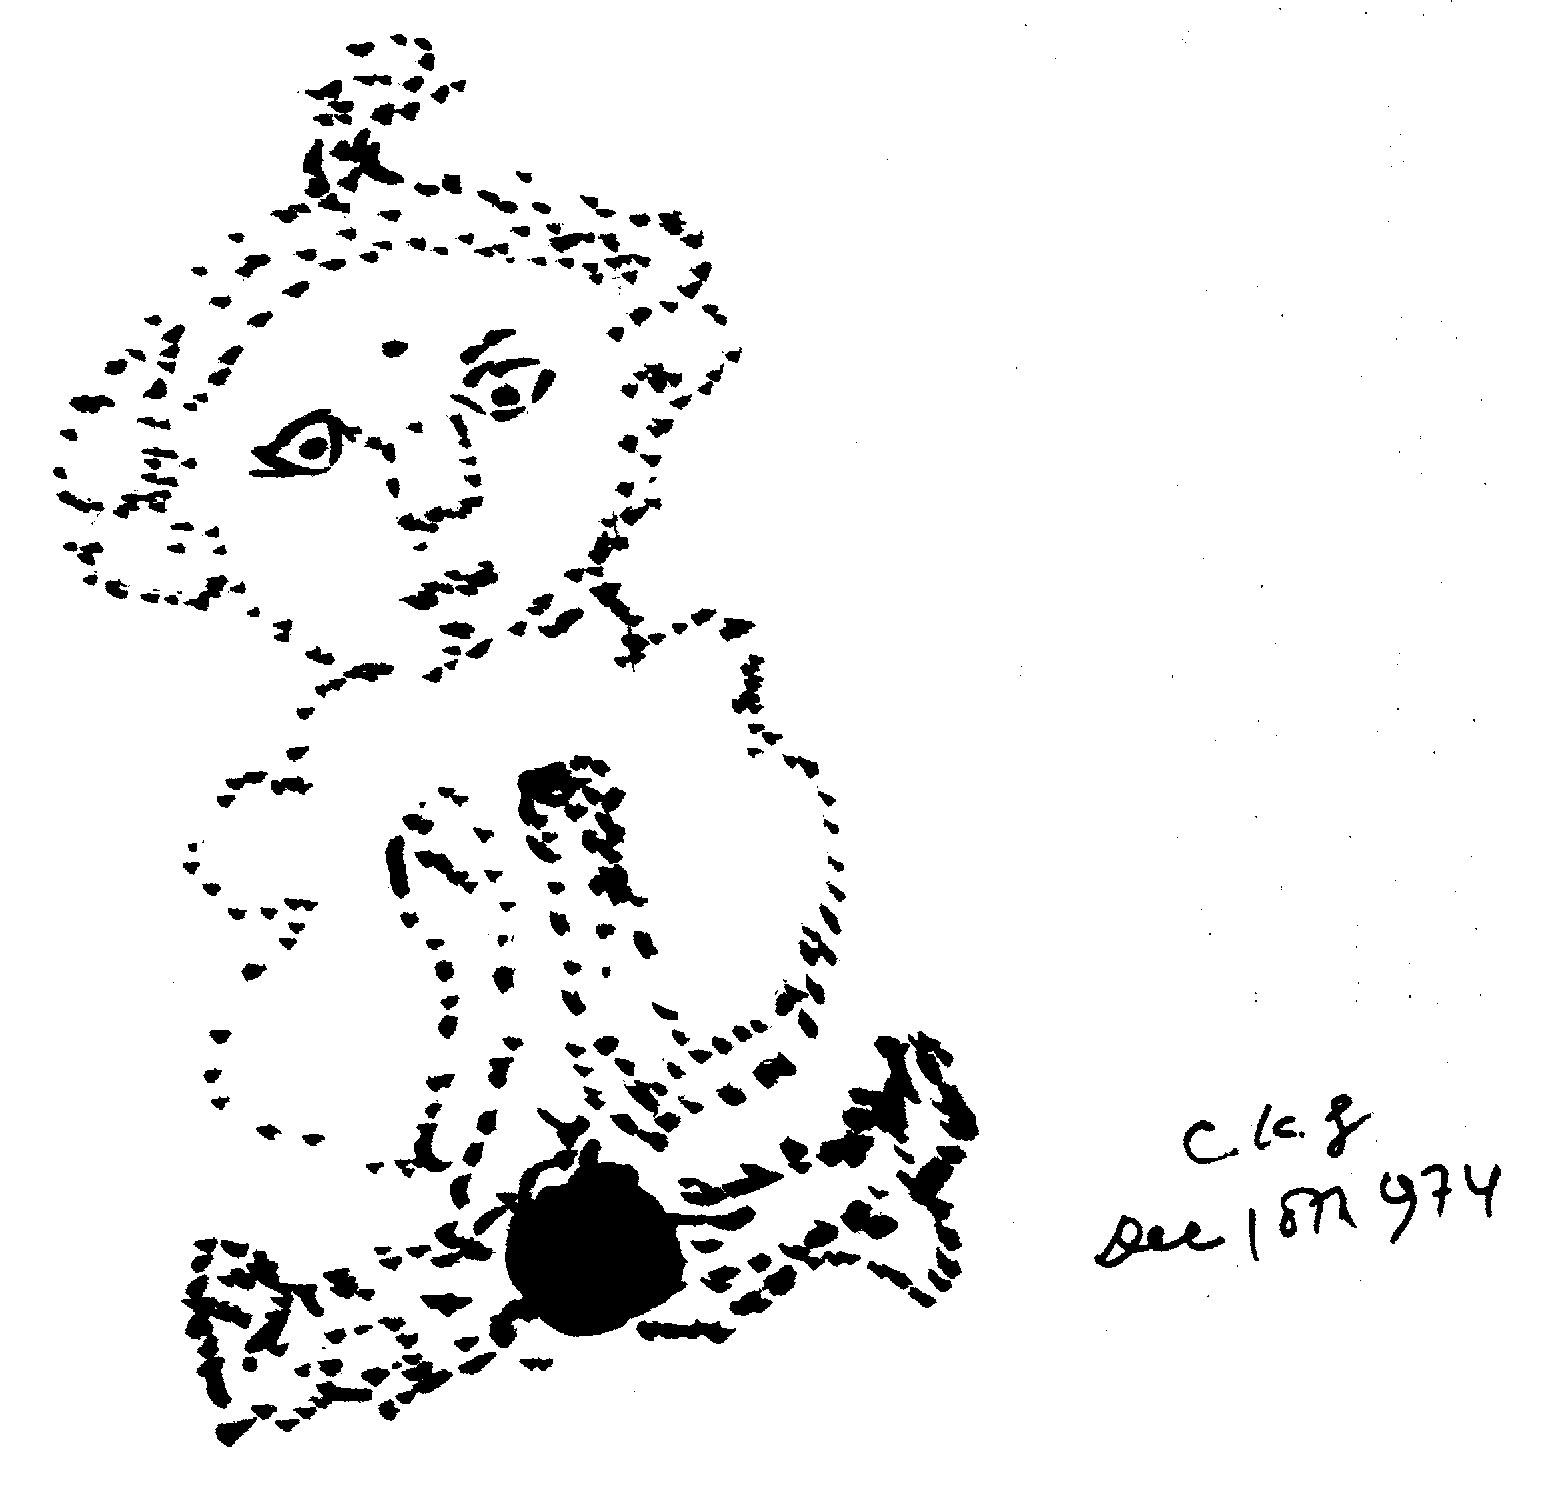 10-12-1974-ckg-3